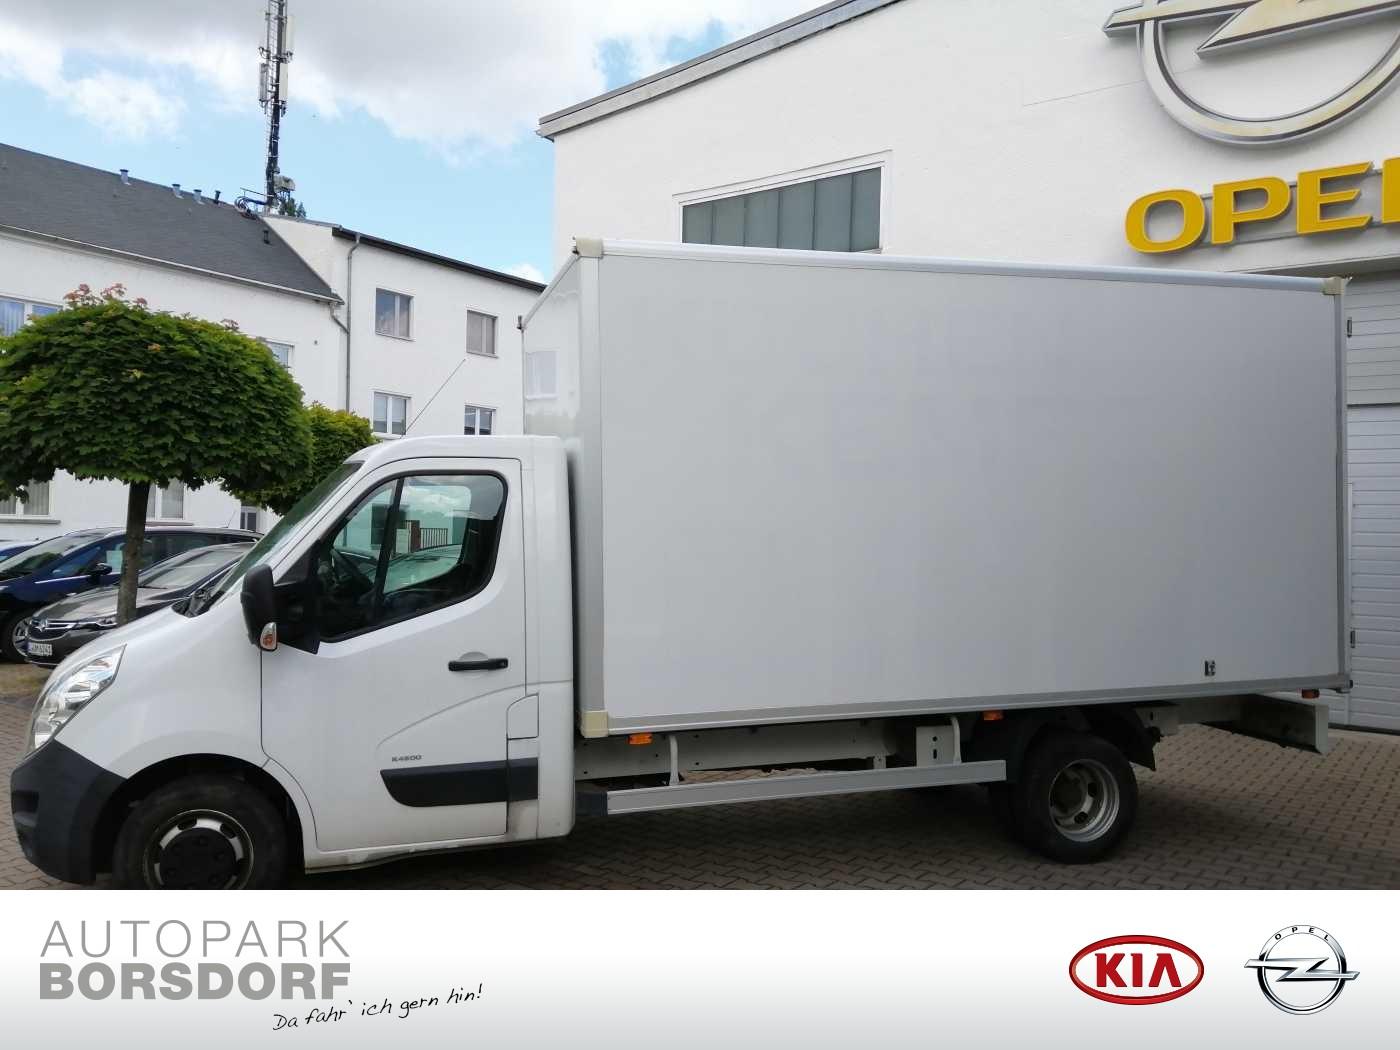 Opel Movano B 2.3 CDTI 125 (4,5t) L4H1 RWD (zwillingsbereift), Jahr 2014, Diesel